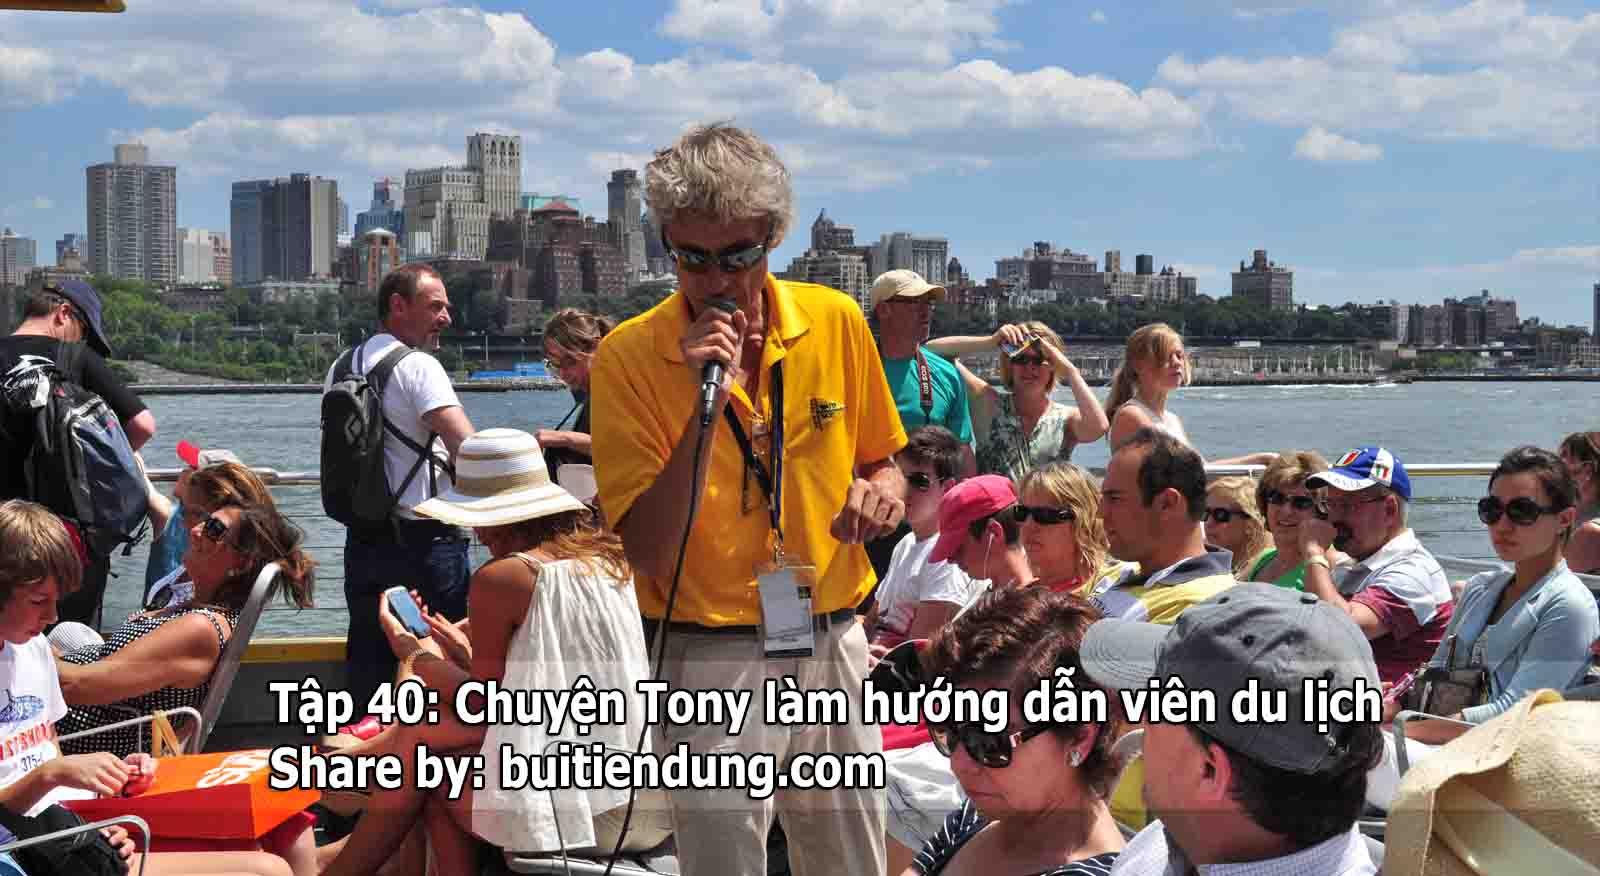 tap-40-chuyen-tony-lam-huong-dan-vien-du-lich-tren-duong-bang-tony-buoi-sang